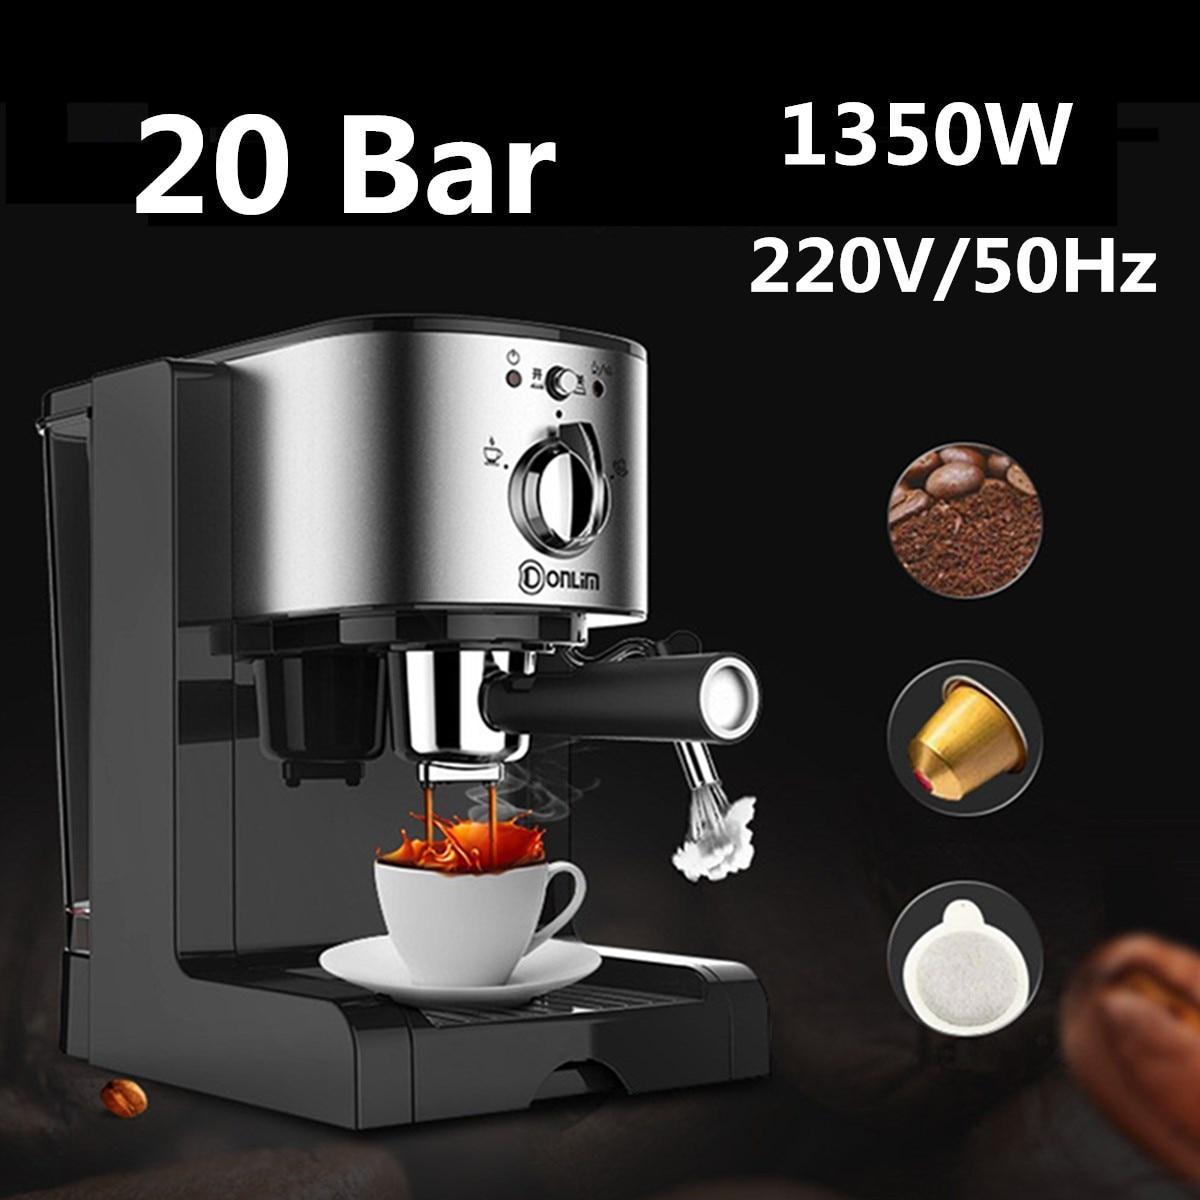 Semiautomático café 3In1 café fabricante de cocina máquina de 1.5L Barista máquina...